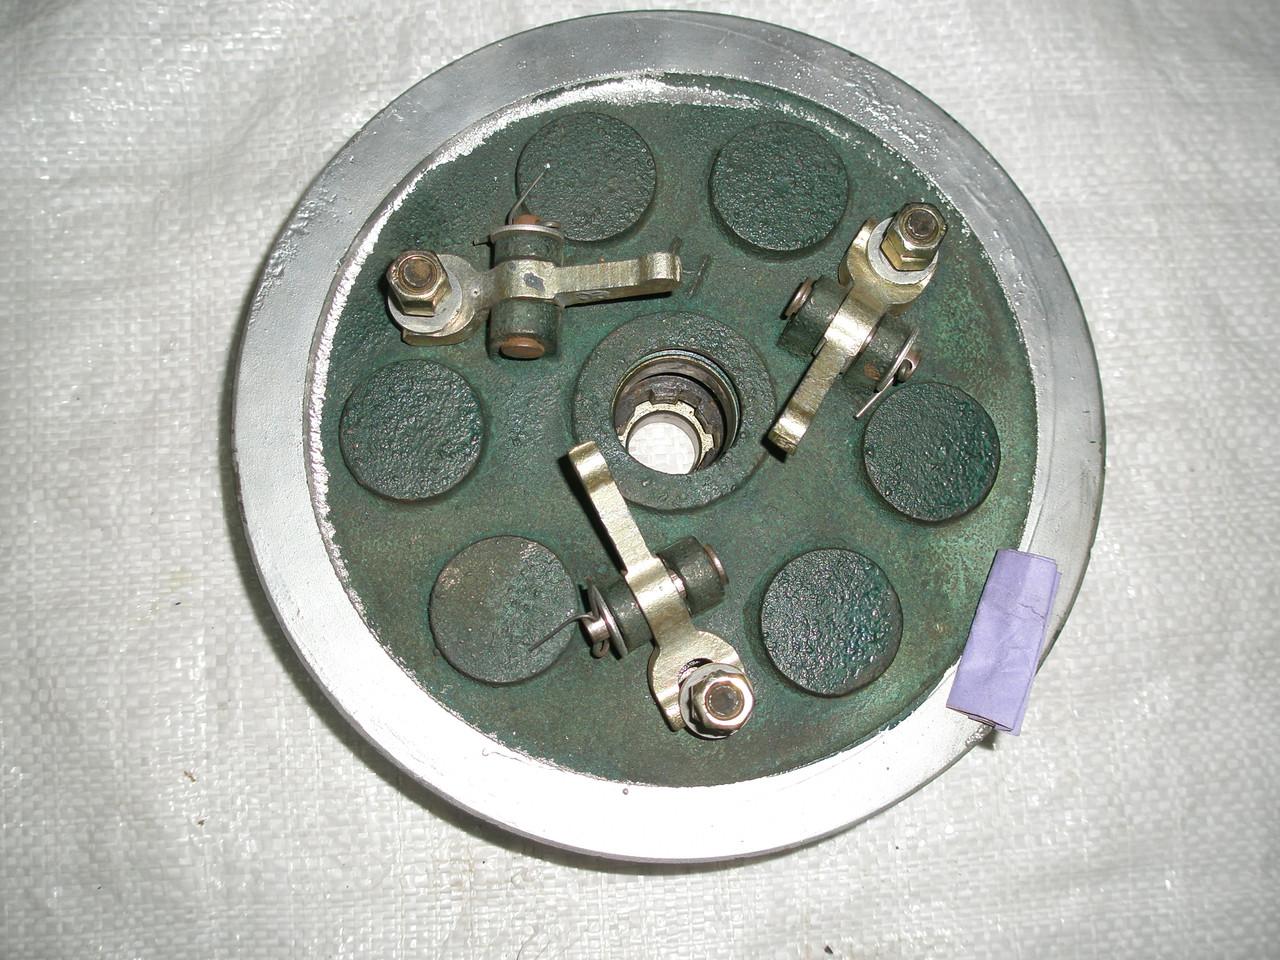 инструкция как правильно натянуть ремень на мотоблоке нева мб-23б-10б